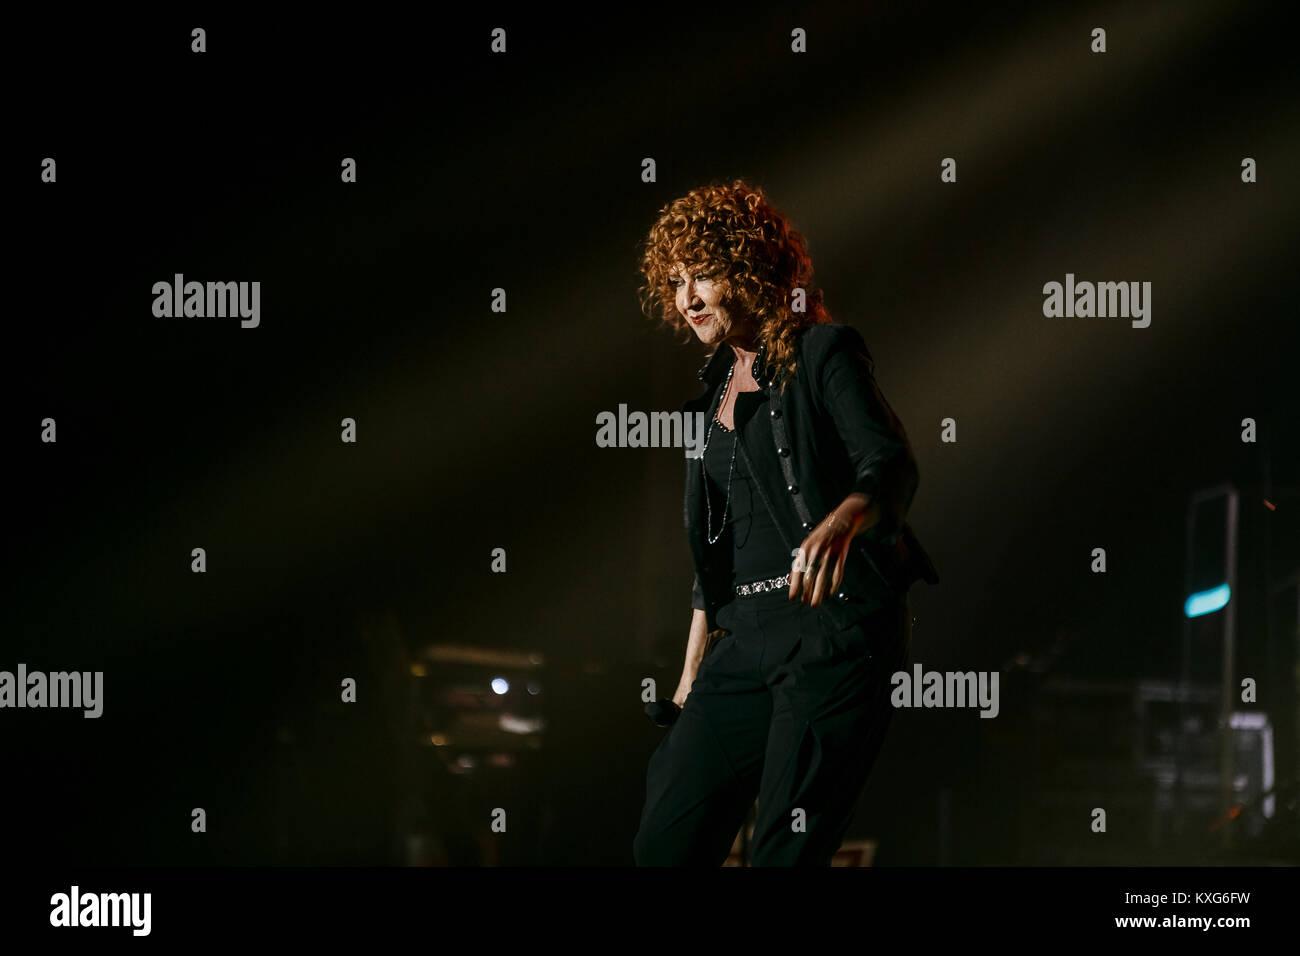 Bologna, Teatro Euroauditorium 09.01.2018. Fiorella Mannoia performing in Combattente Il Tour Credit Luigi Rizzo/Alamy Stock Photo